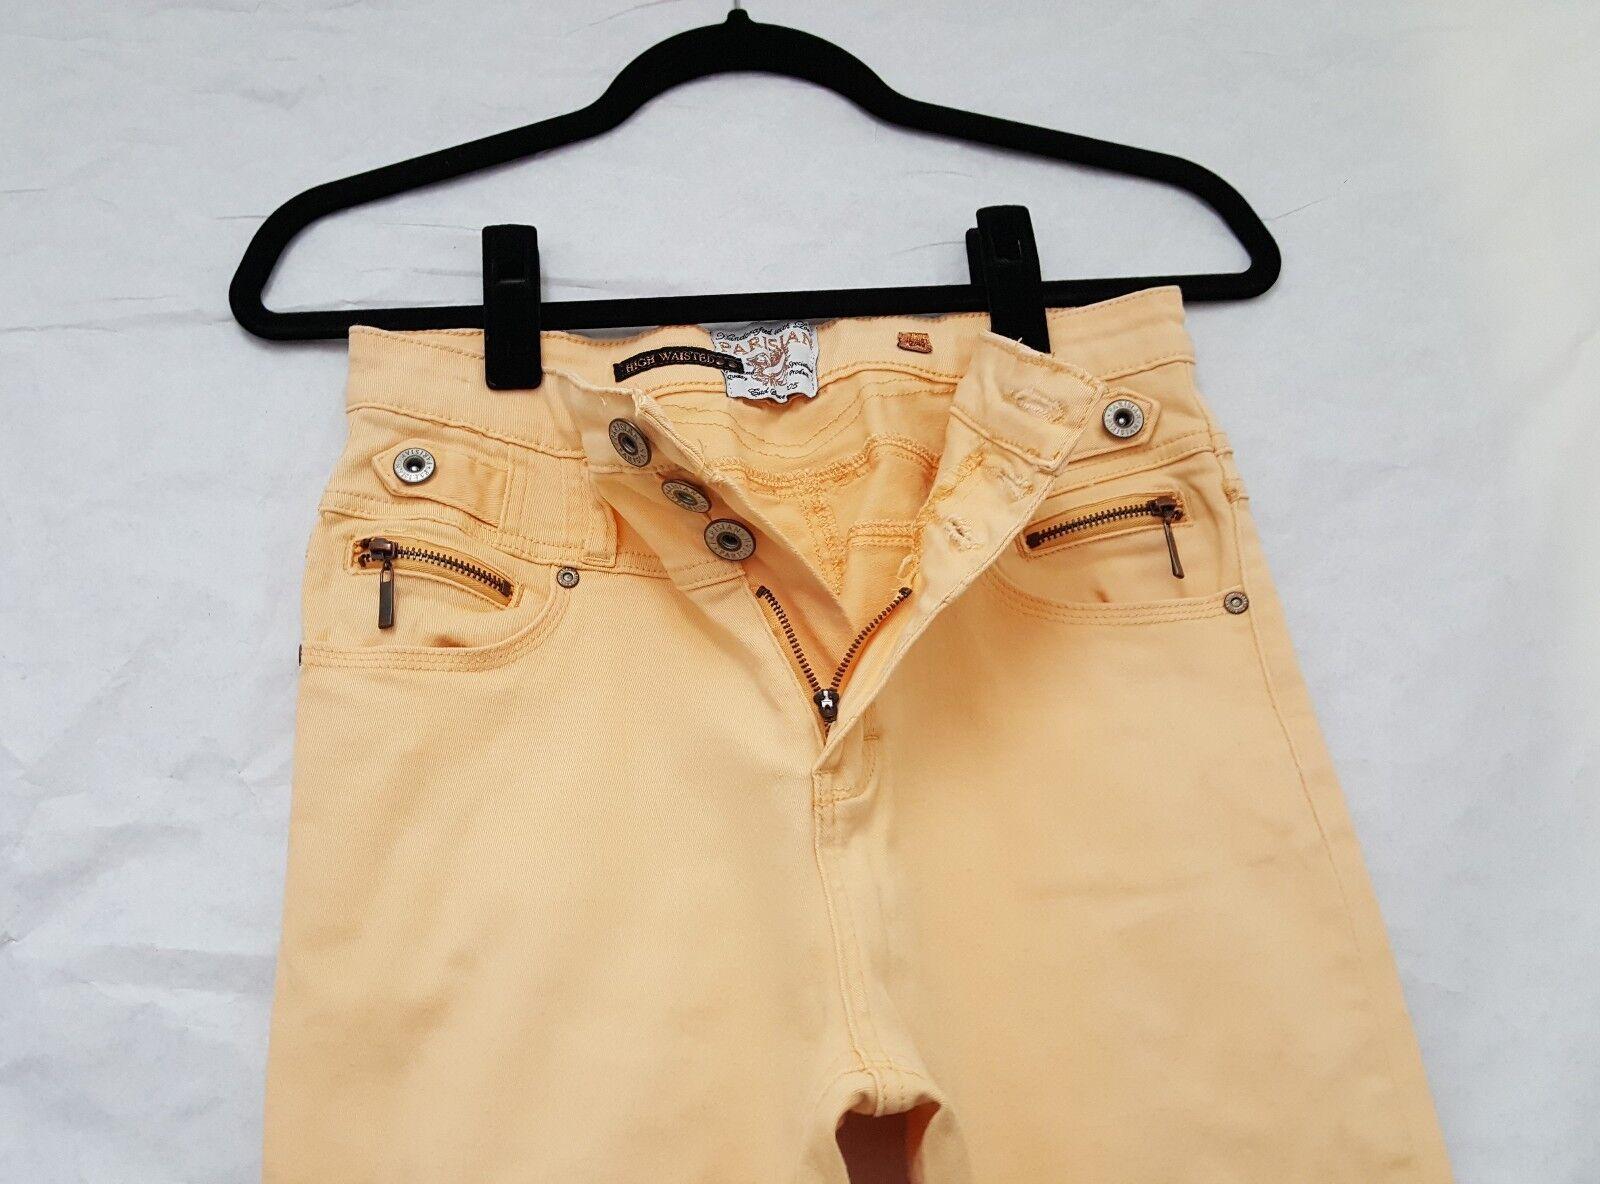 damen damen damen Jeans Größe 12 Peach Jeans damen High waist Jeans Parisian Jeans   Bekannt für seine hervorragende Qualität    Ermäßigung    Neue Sorten werden eingeführt    Leicht zu reinigende Oberfläche    München  f56c53